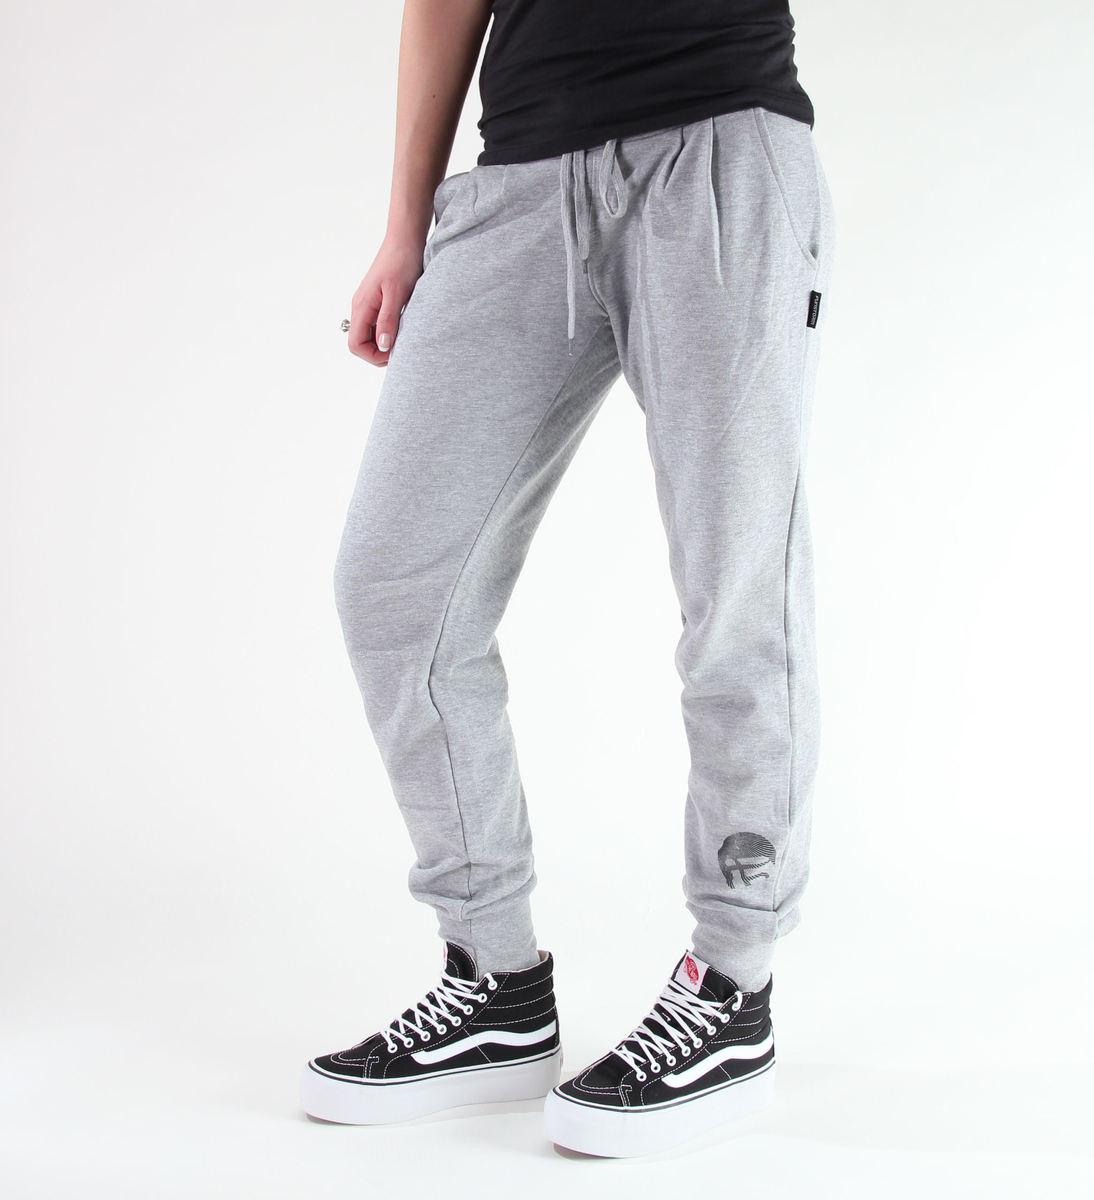 kalhoty -tepláky- dámské FUNSTORM - Emory - 19 GREY